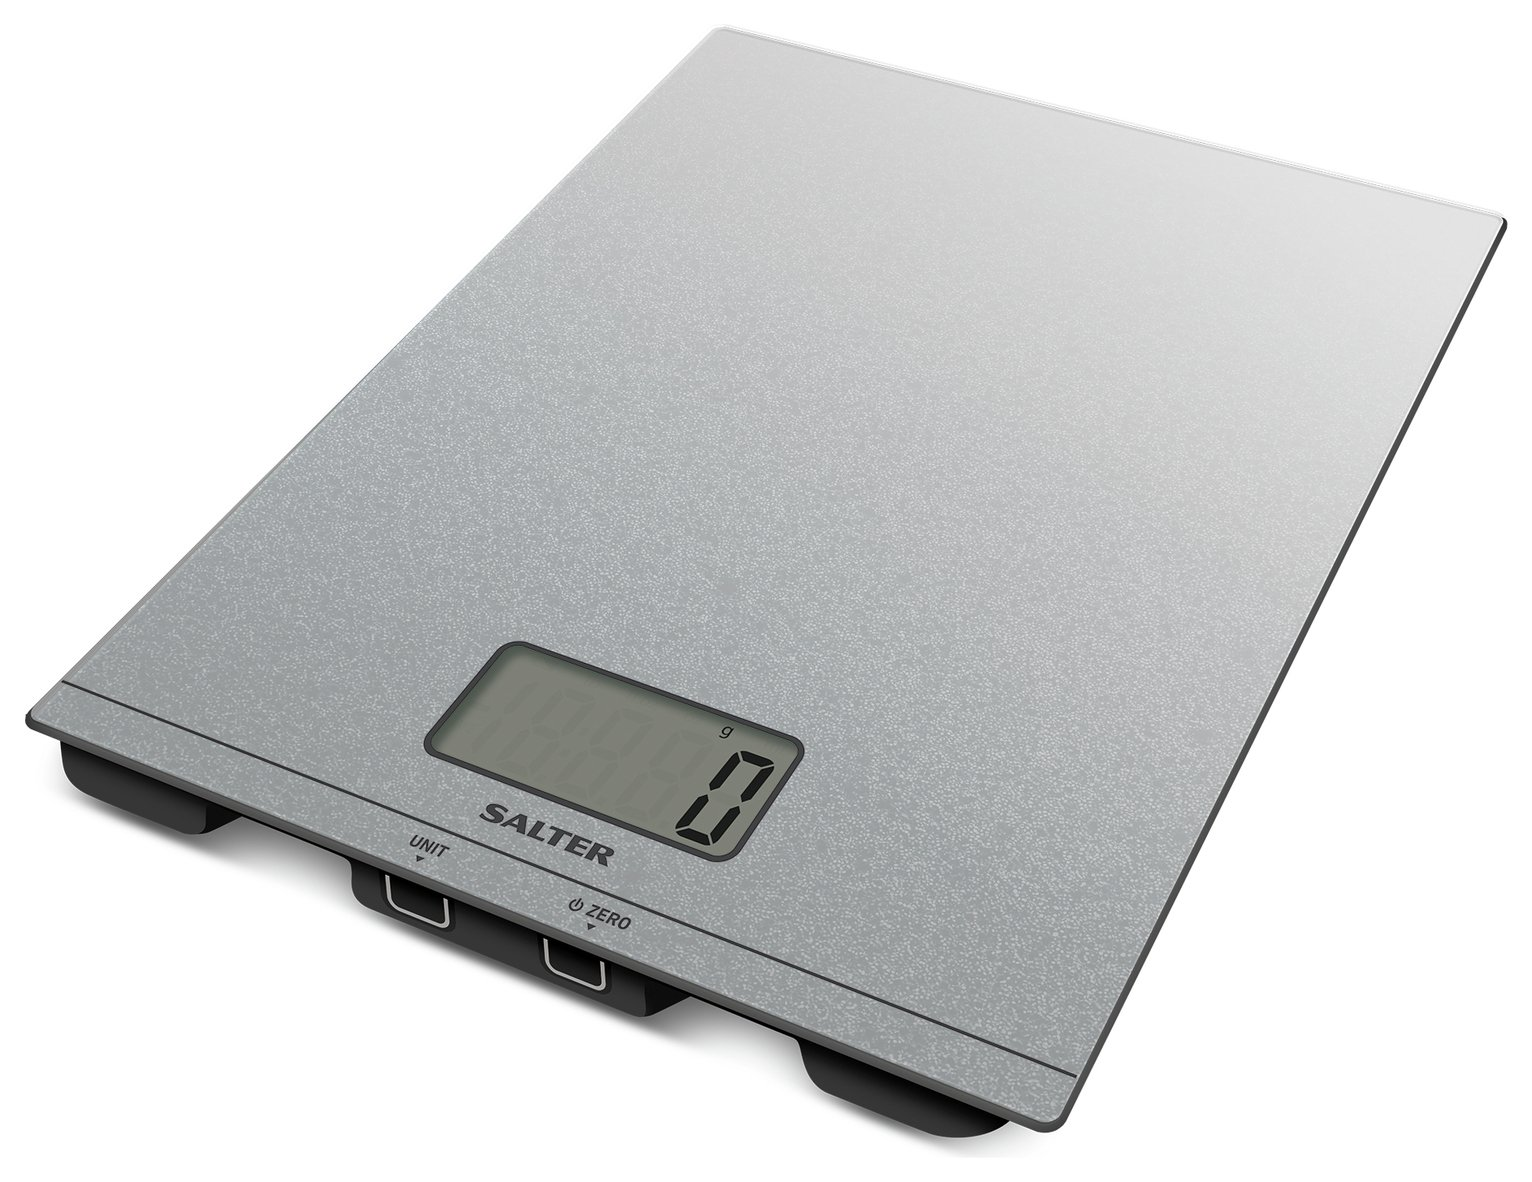 Salter Glitter Digital Kitchen Scale - Silver